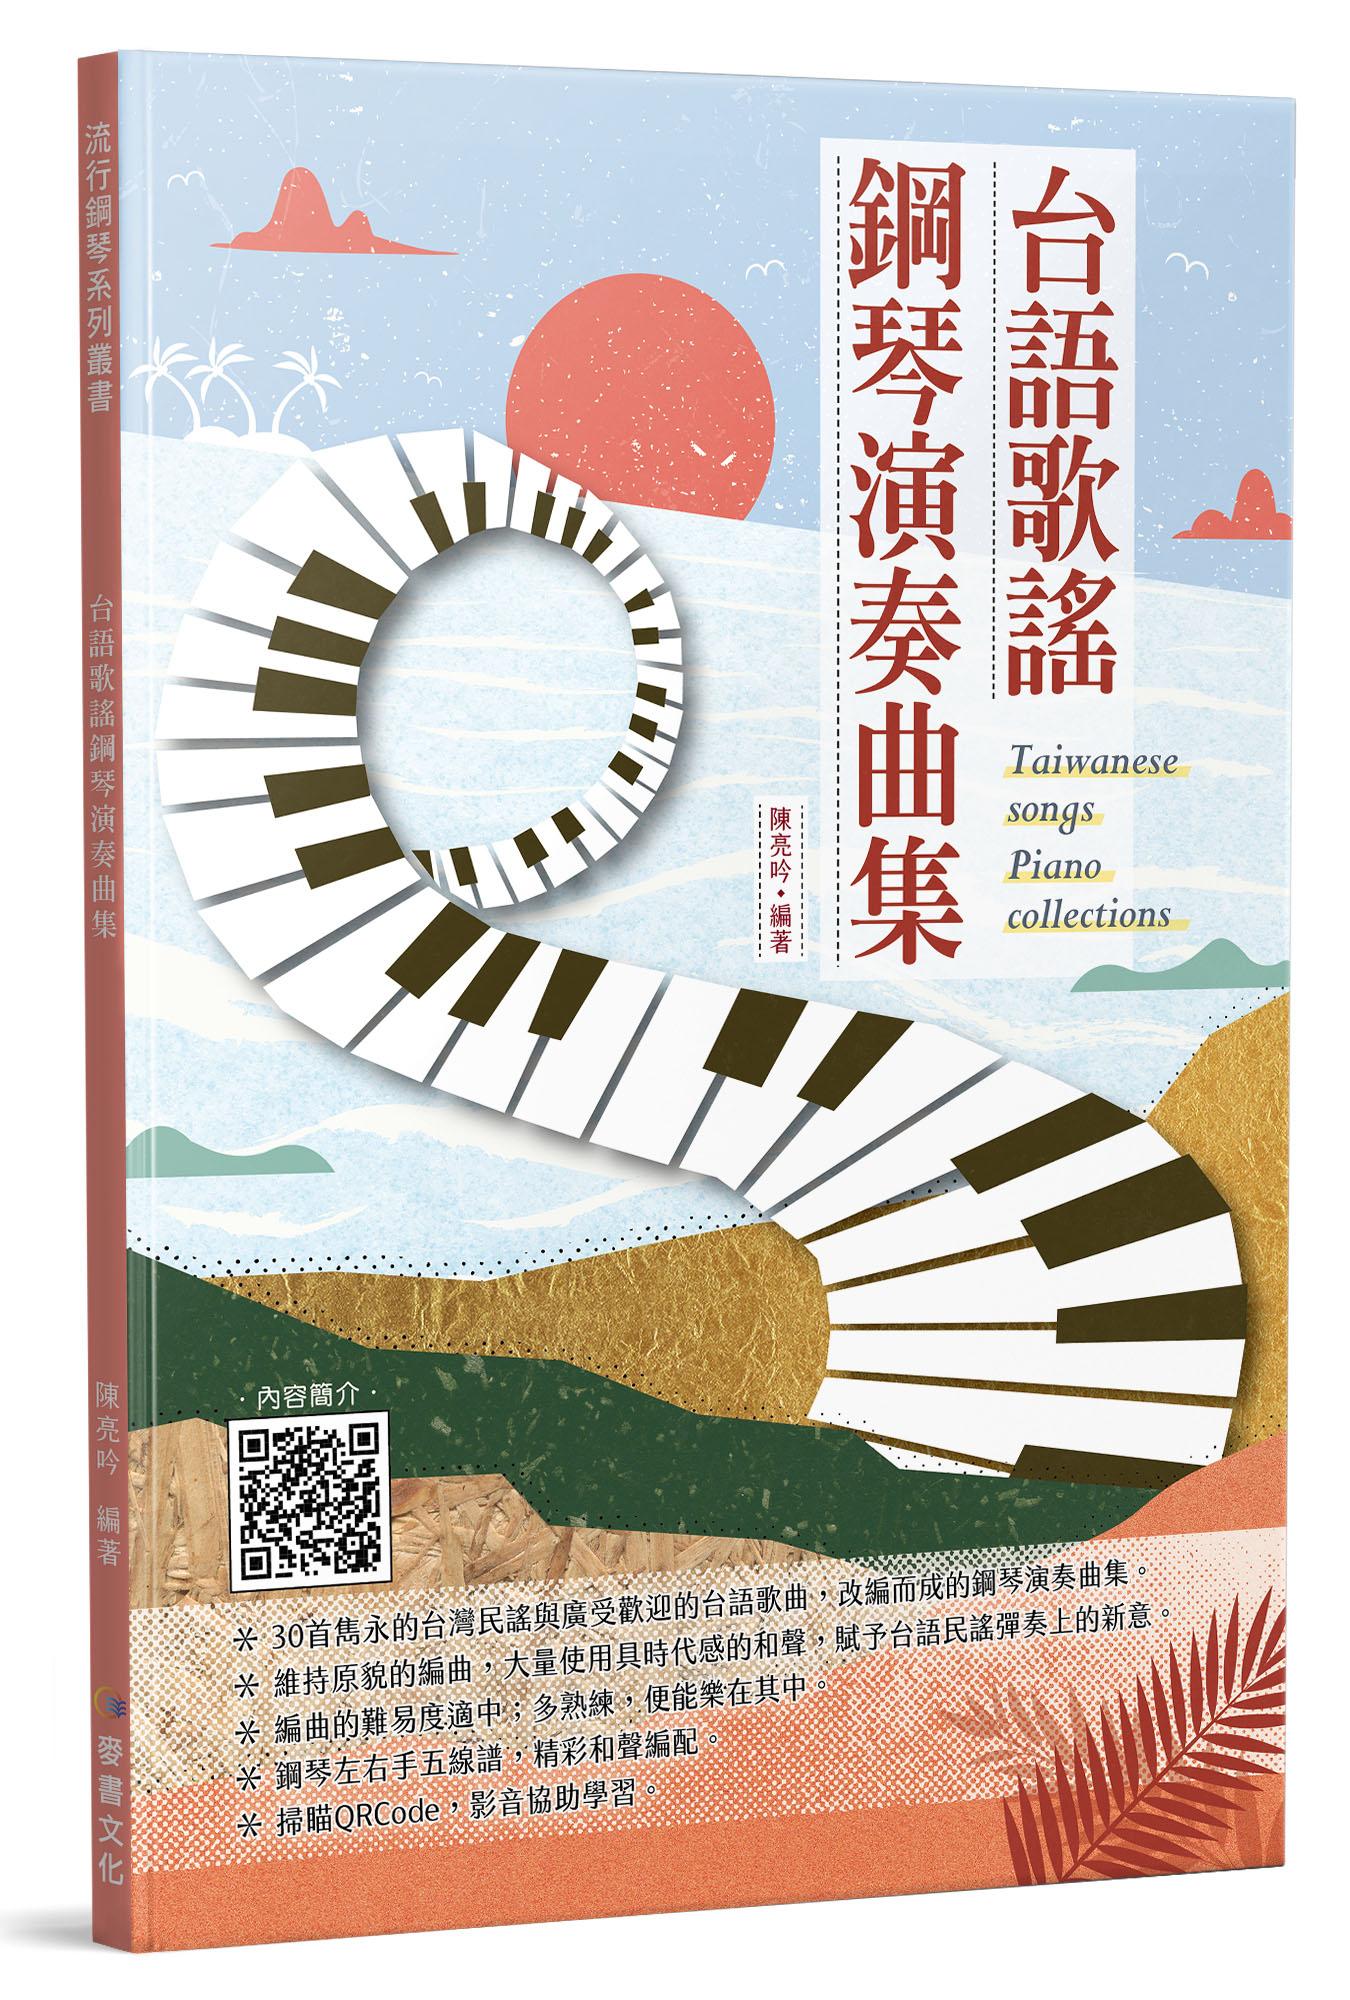 台語,台語譜,台語鋼琴譜,台語五線譜,老歌